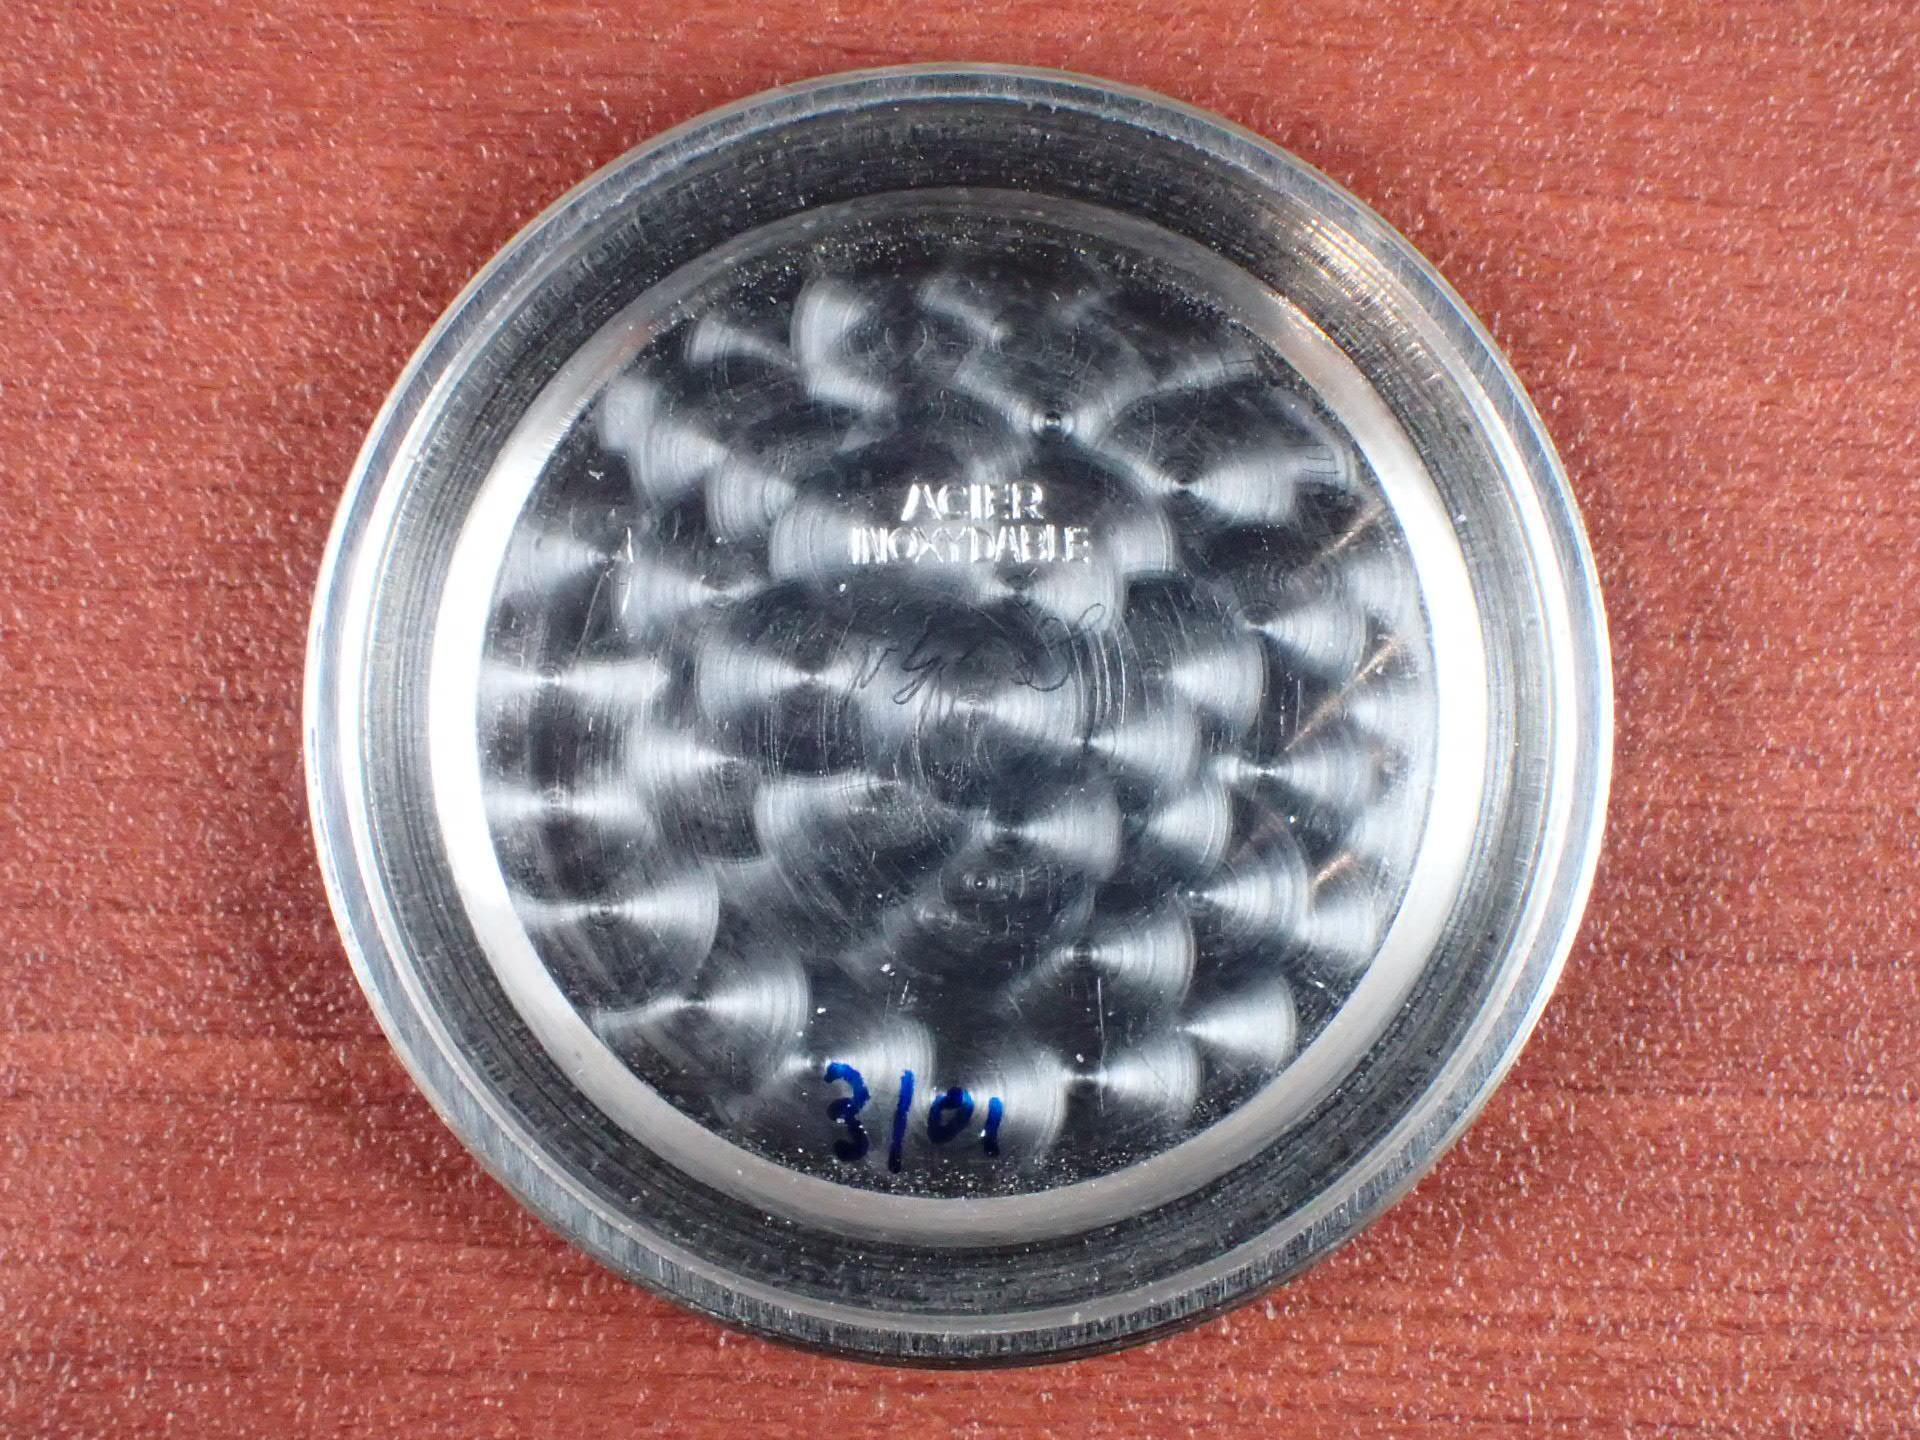 レマニア クロノグラフ キャリバー27CHRO C12 1940年代の写真6枚目